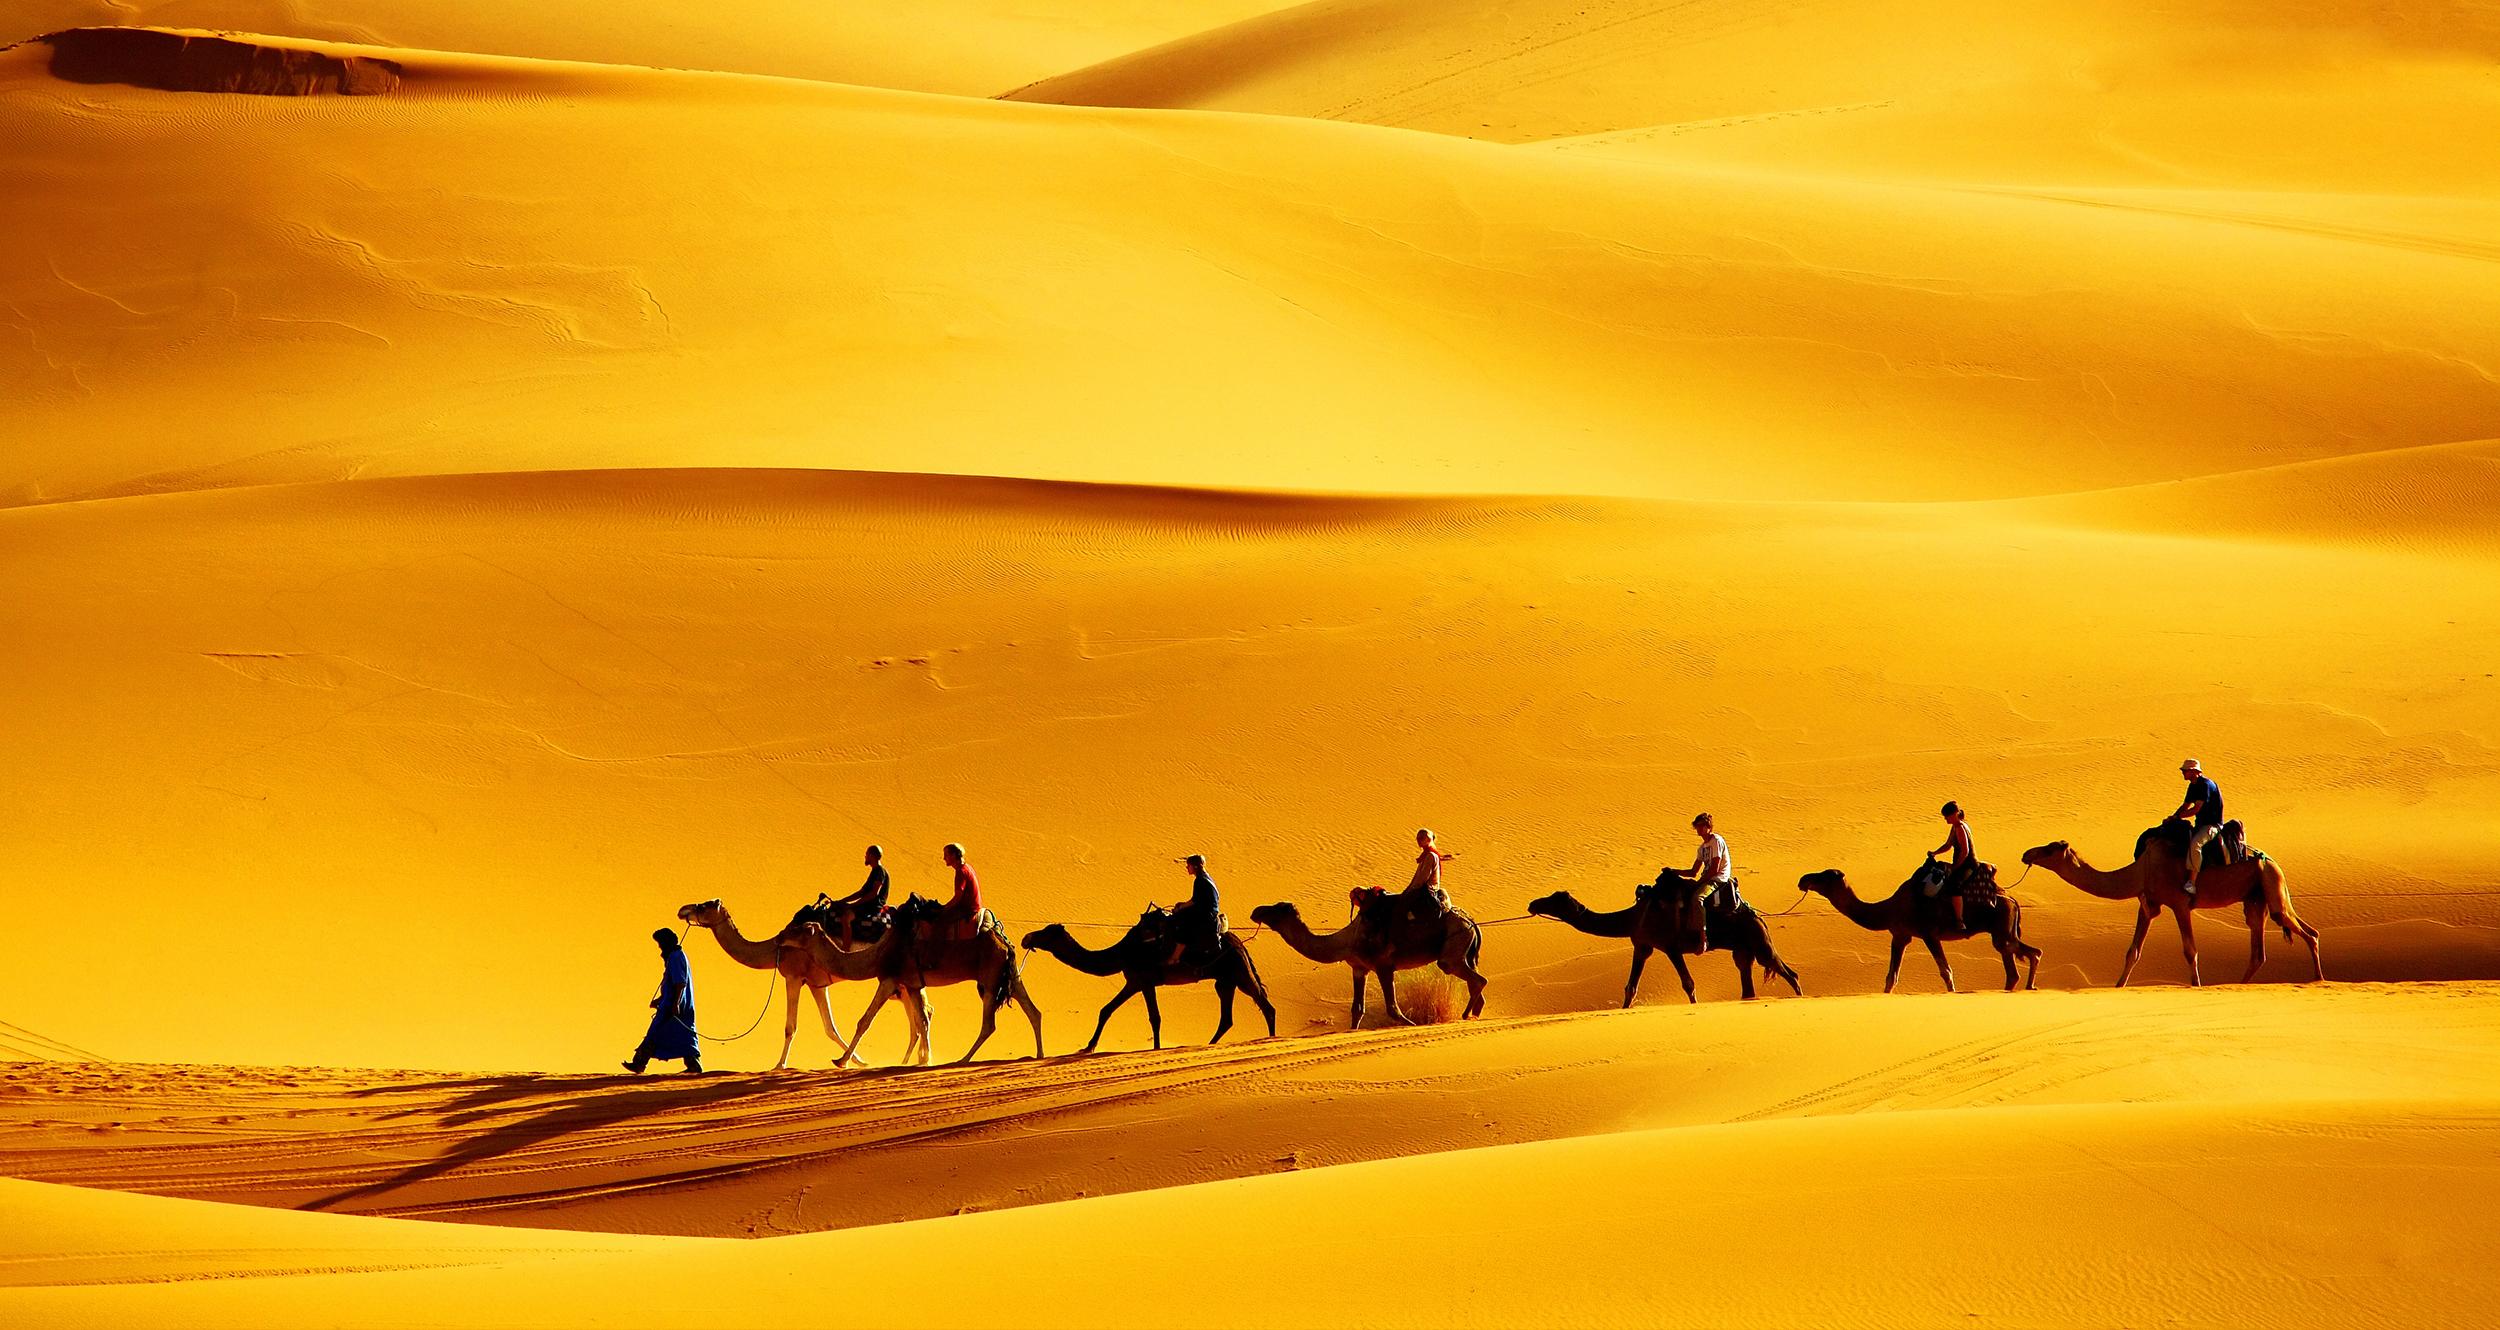 Fra overdådig luksus til autentisk enkelhet... en ferie i Oman er som å vandre inn i 1001 natt.